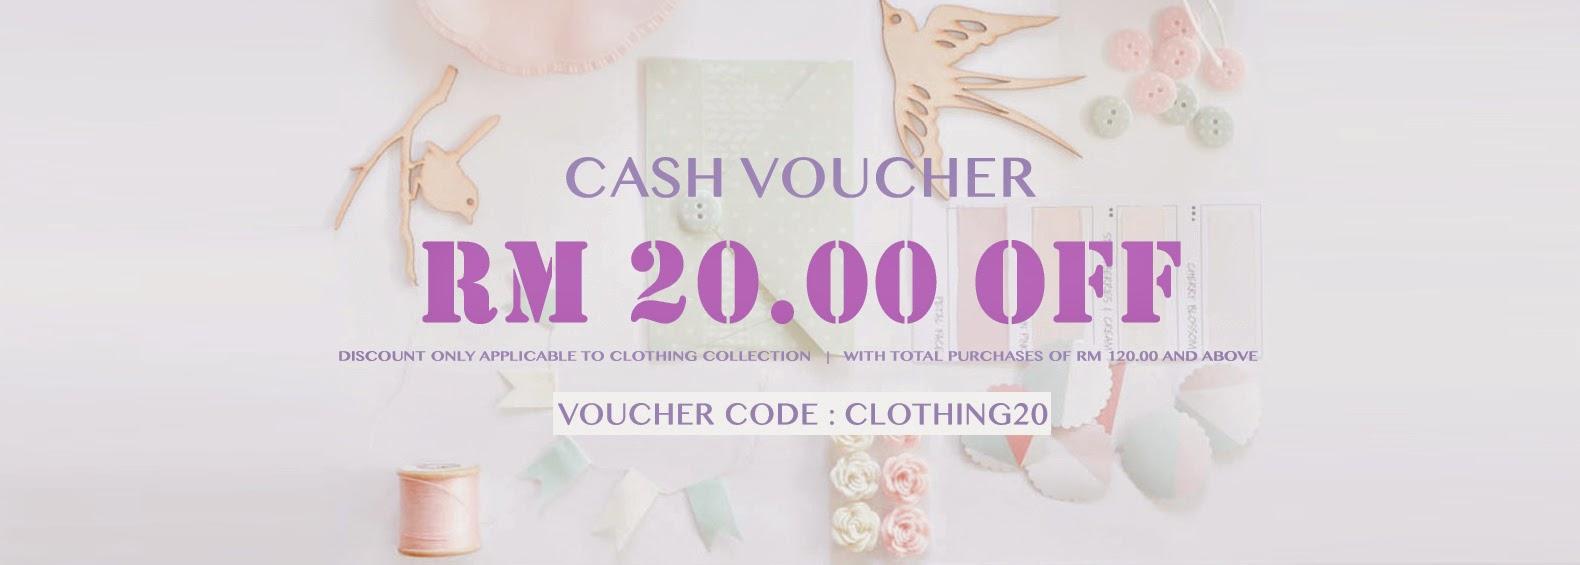 CASH VOUCHER RM 20.00